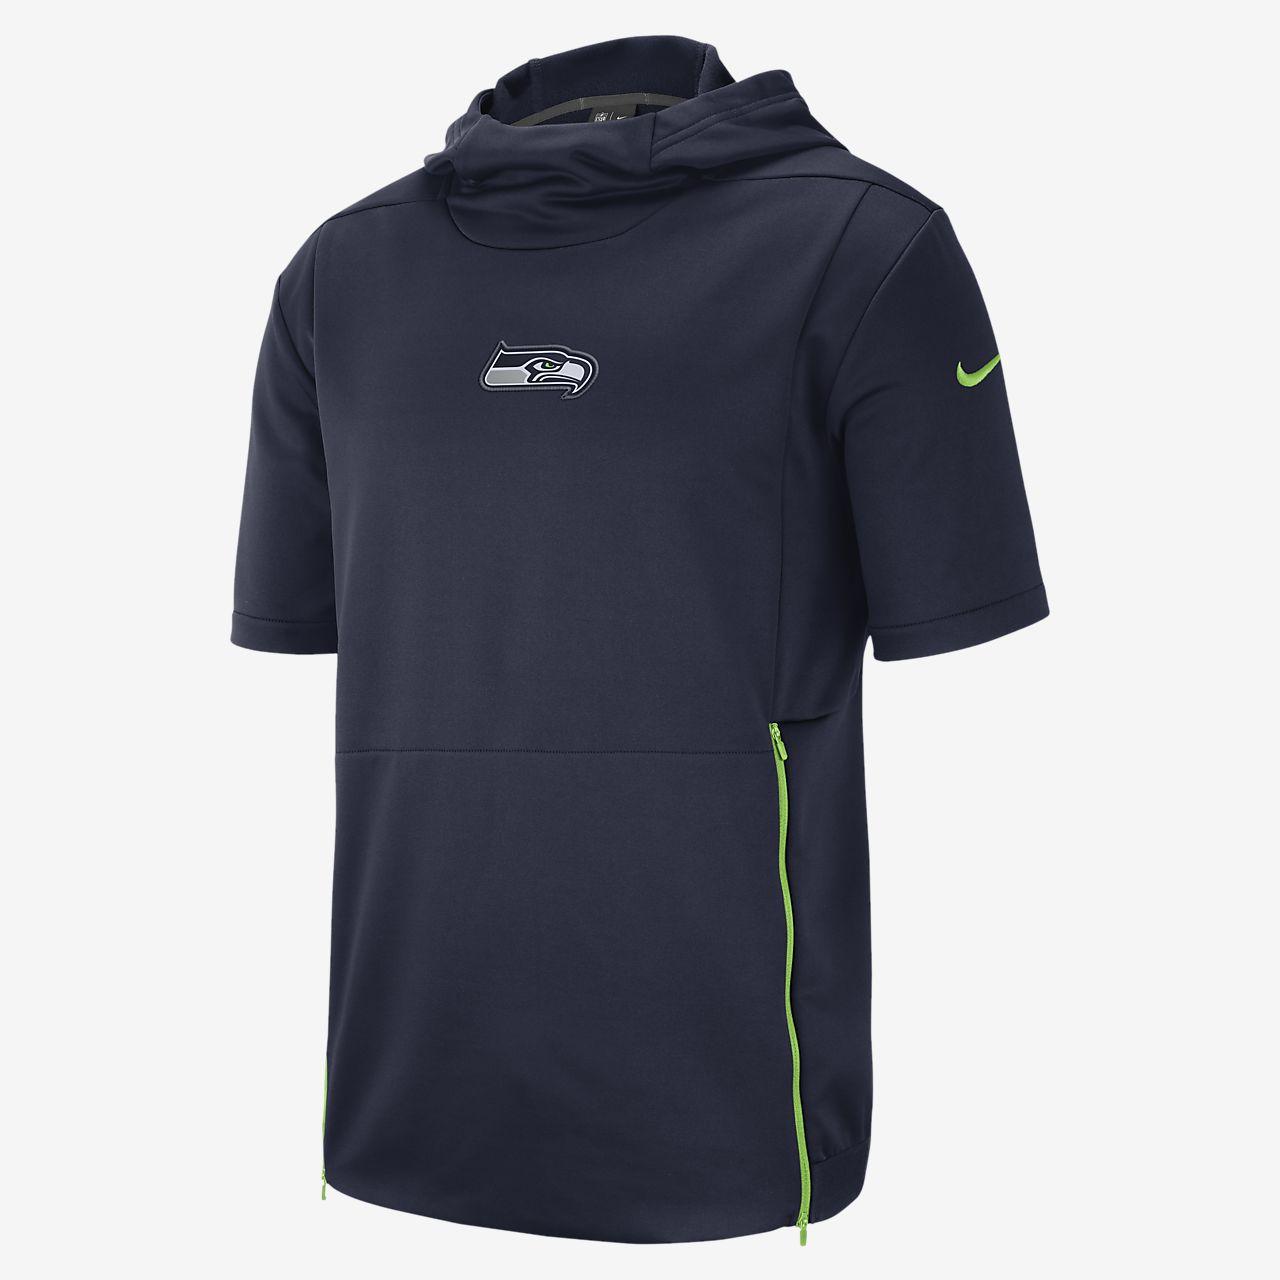 Kortärmad huvtröja Nike Dri-FIT Therma (NFL Seahawks) för män